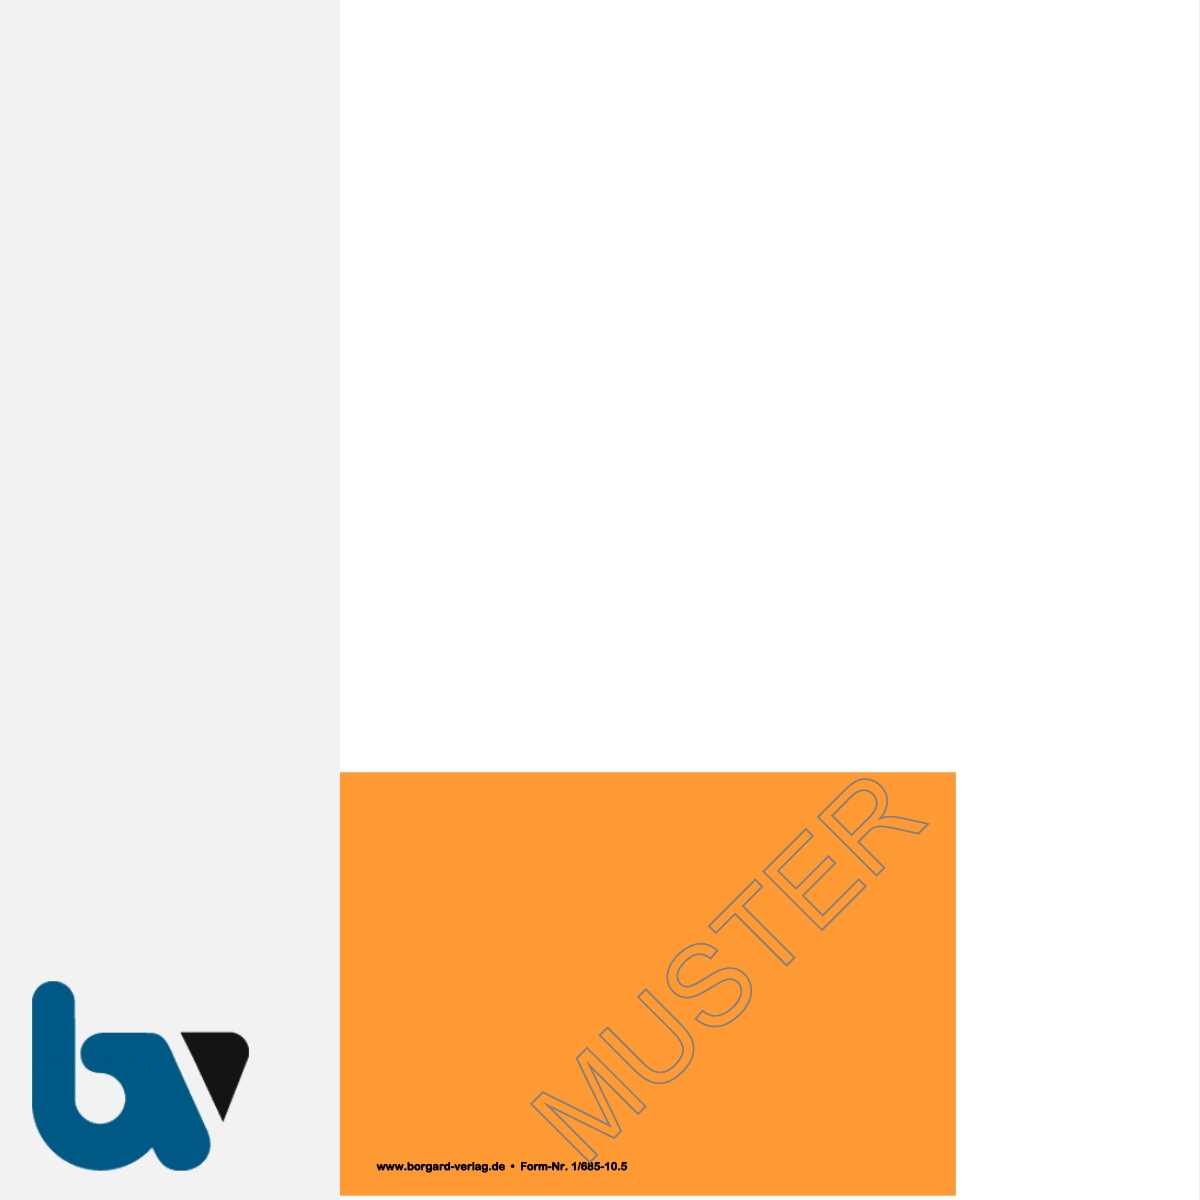 1/685-10.5 Parkausweis zur Ausnahmegenehmigung über Parkerleichterungen NRW orange Modell behinderte Menschen DIN A4 orange perforiert RS   Borgard Verlag GmbH